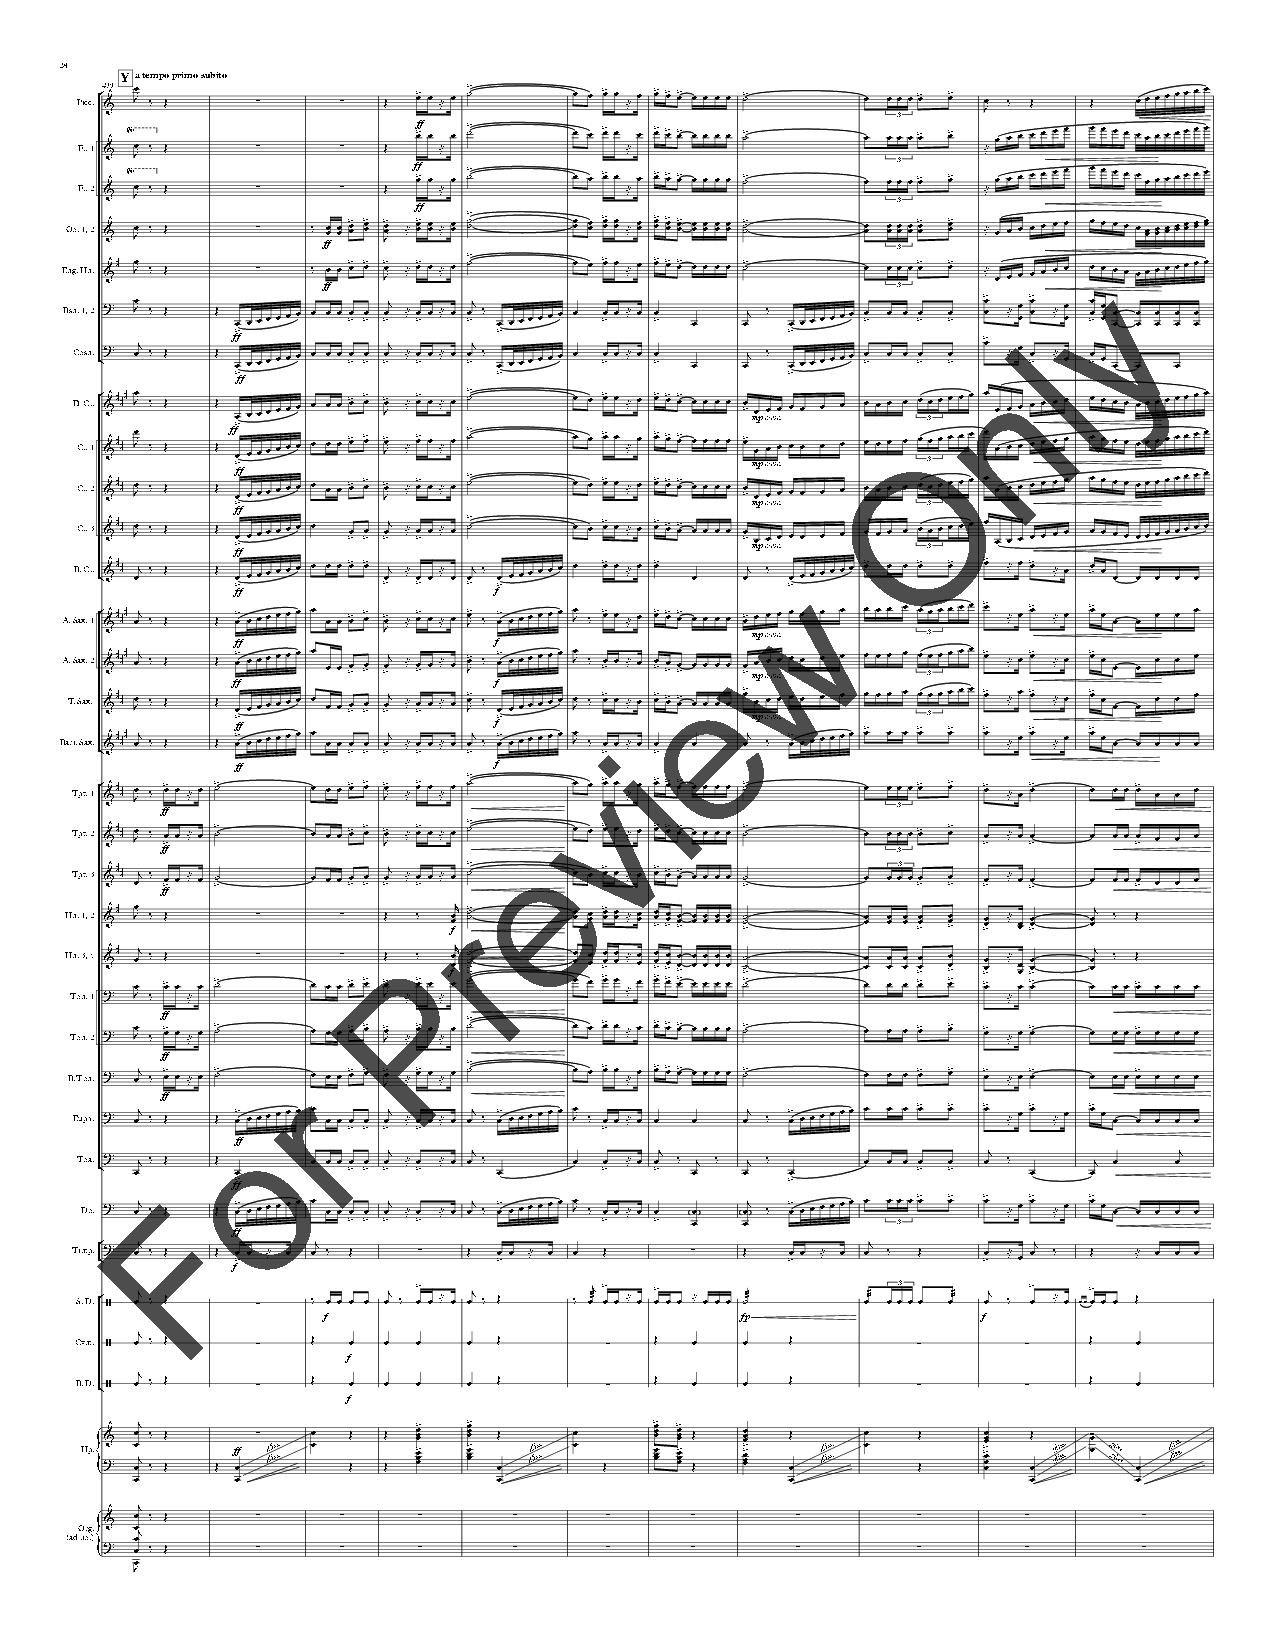 walton crown imperial score pdf